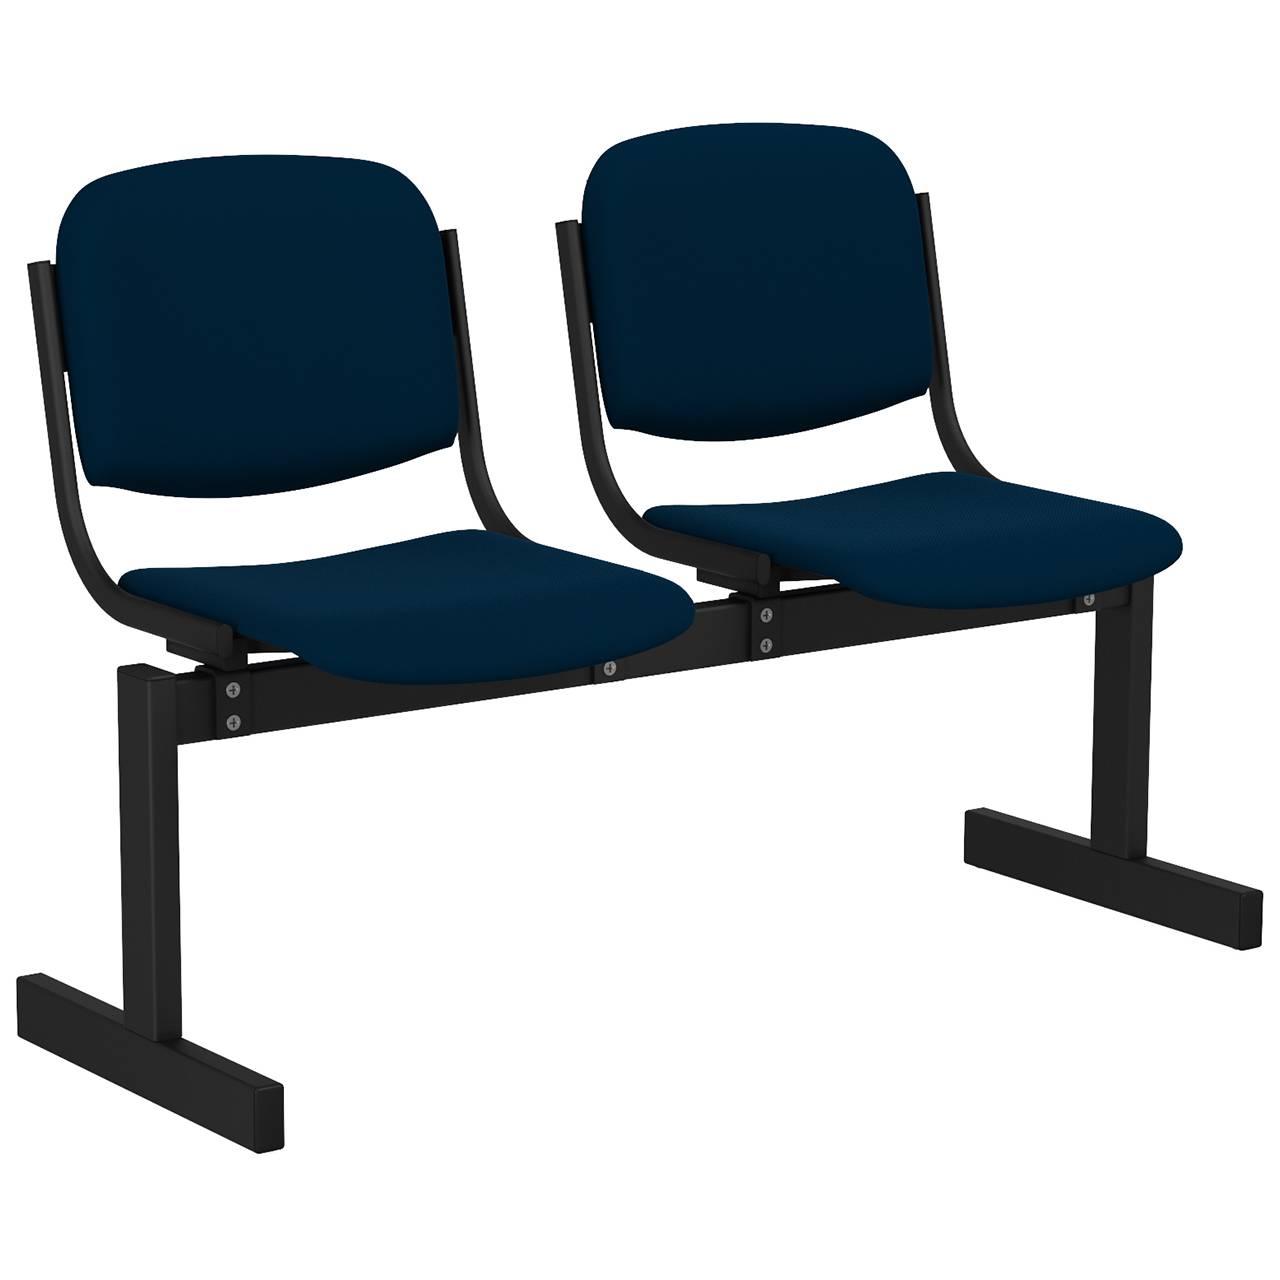 2-местный, не откидывающиеся сиденья, мягкий черный синий Флок